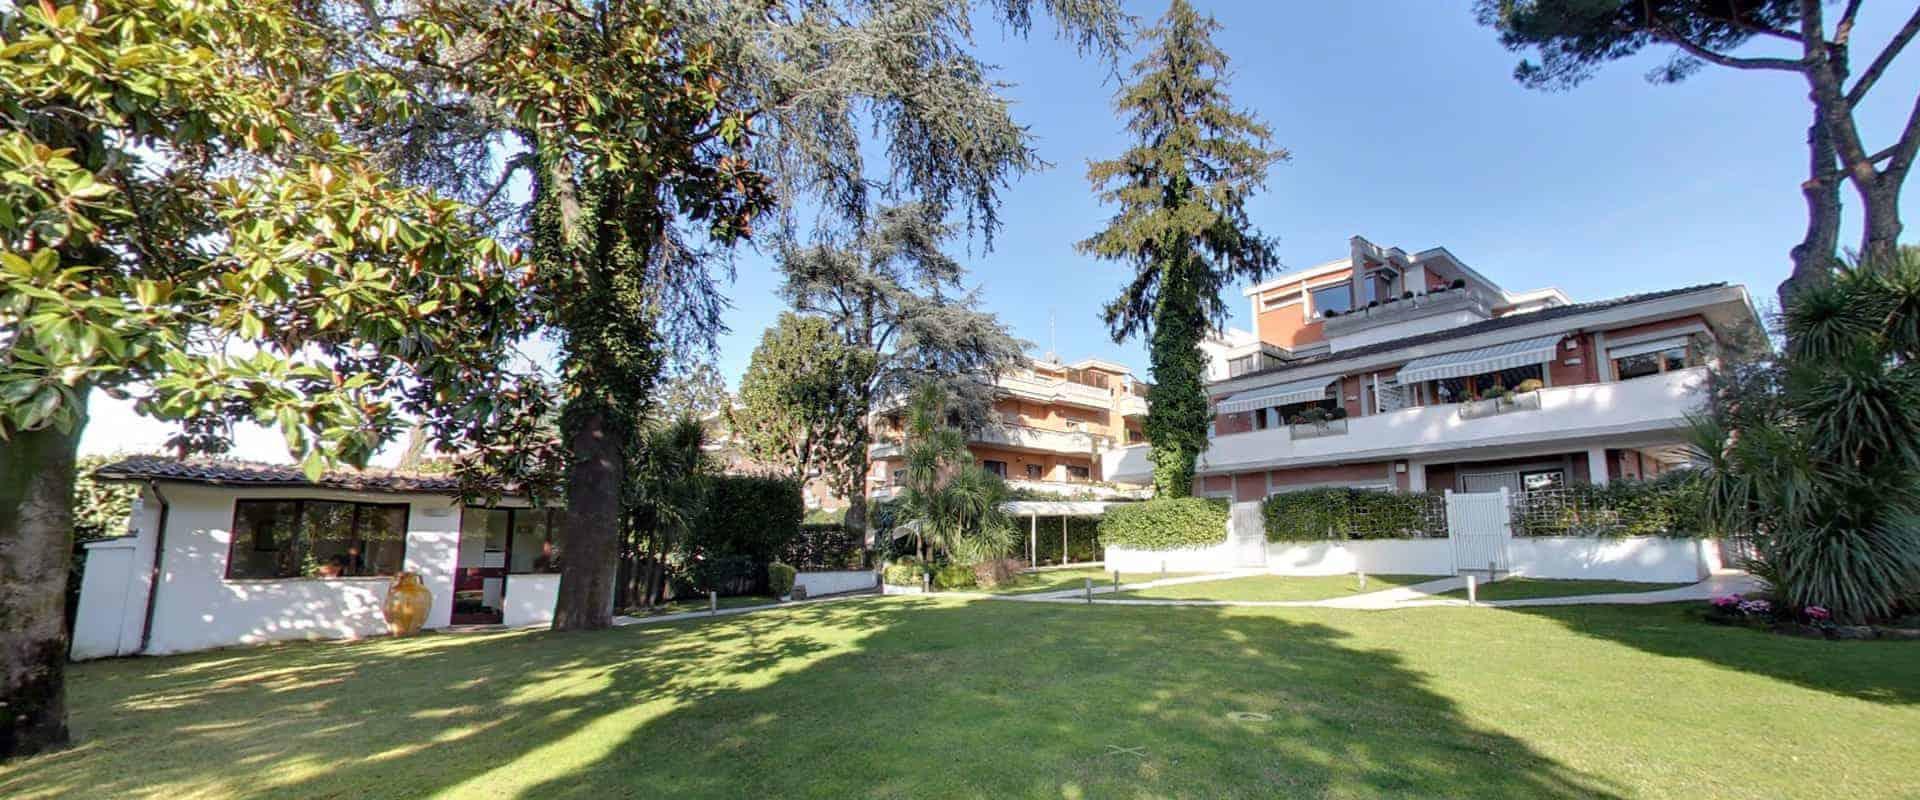 Appartamenti affitto breve termine roma scegli un residence for Appartamenti arredati in affitto a roma